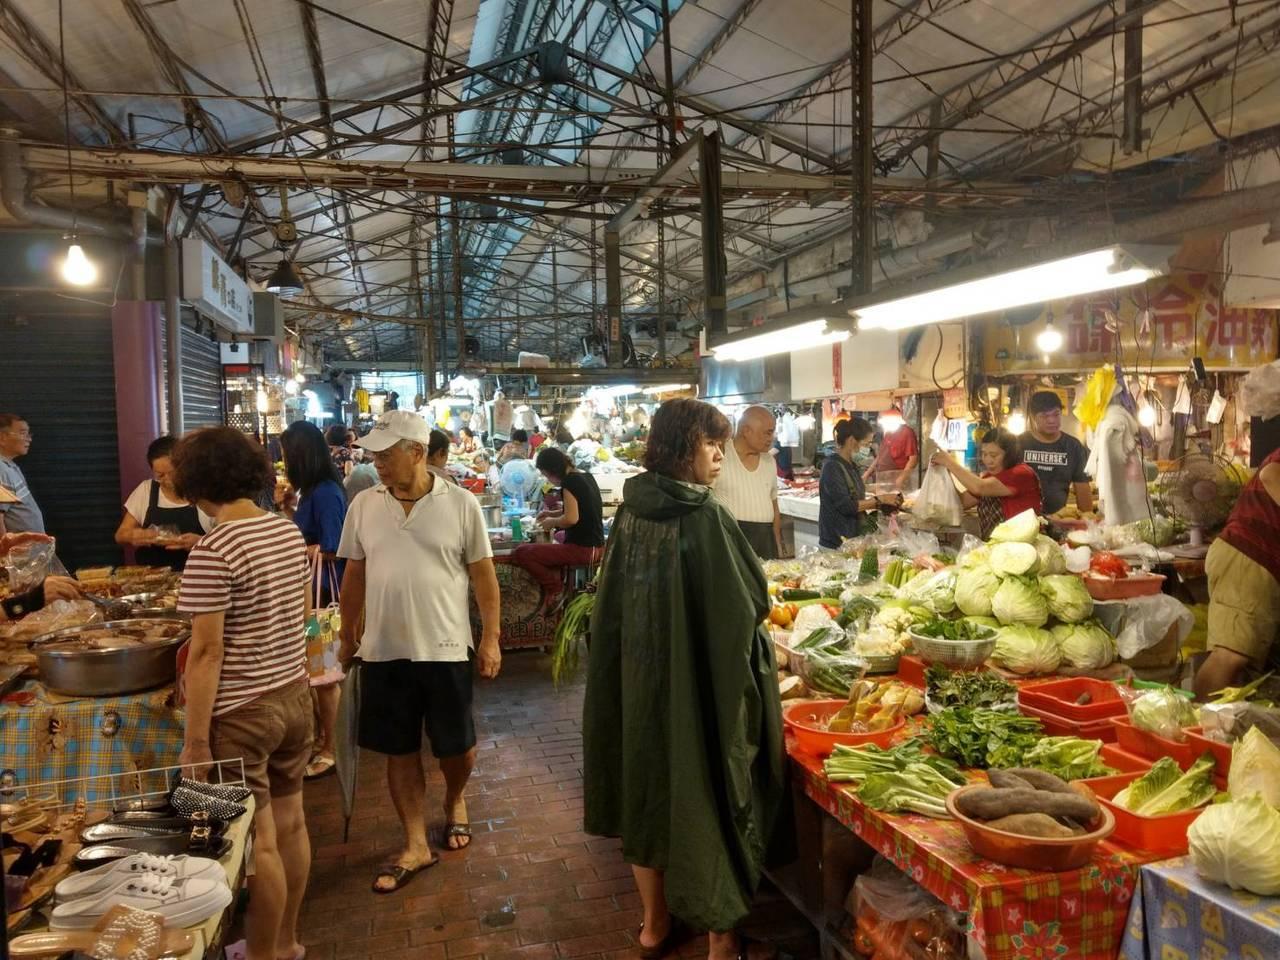 高雄市傳統市場今天有不少買菜 人潮。記者謝梅芬/攝影